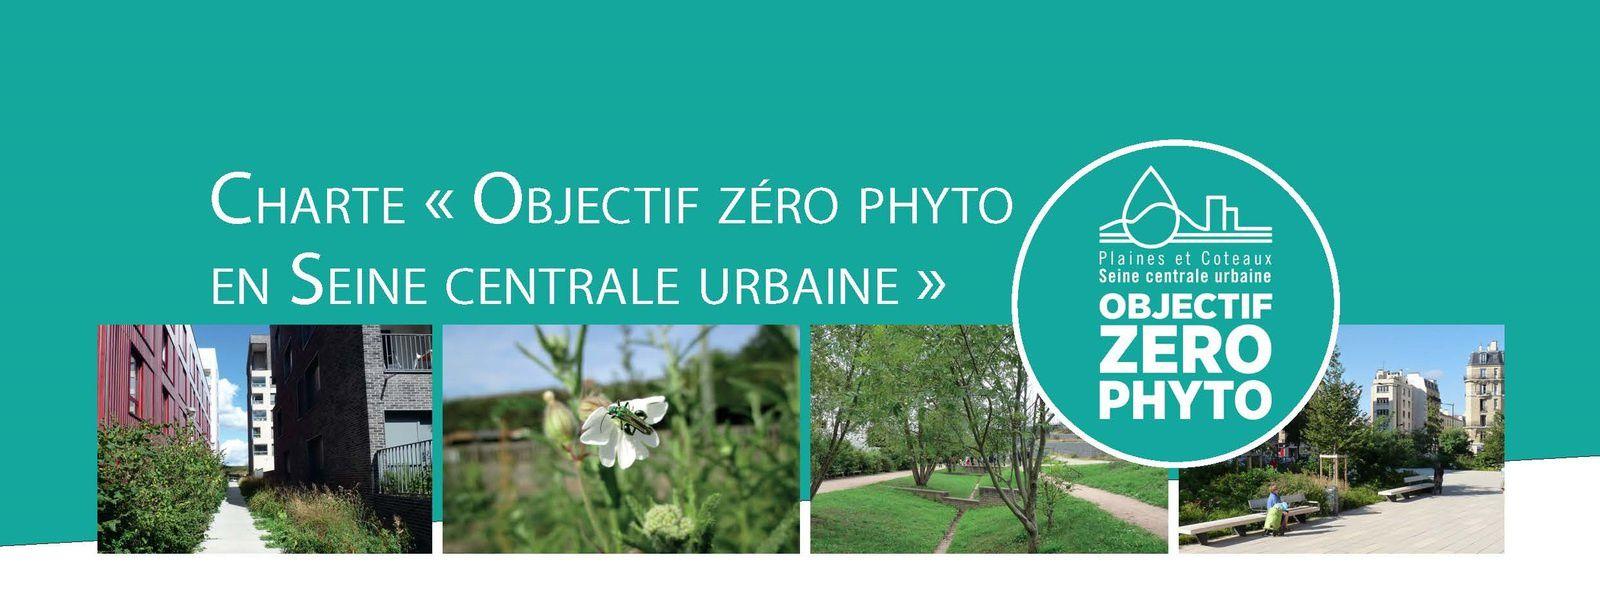 """Adhésion de Colombes à la charte """"Objectif Zéro Phyto en Seine Centrale Urbaine"""""""